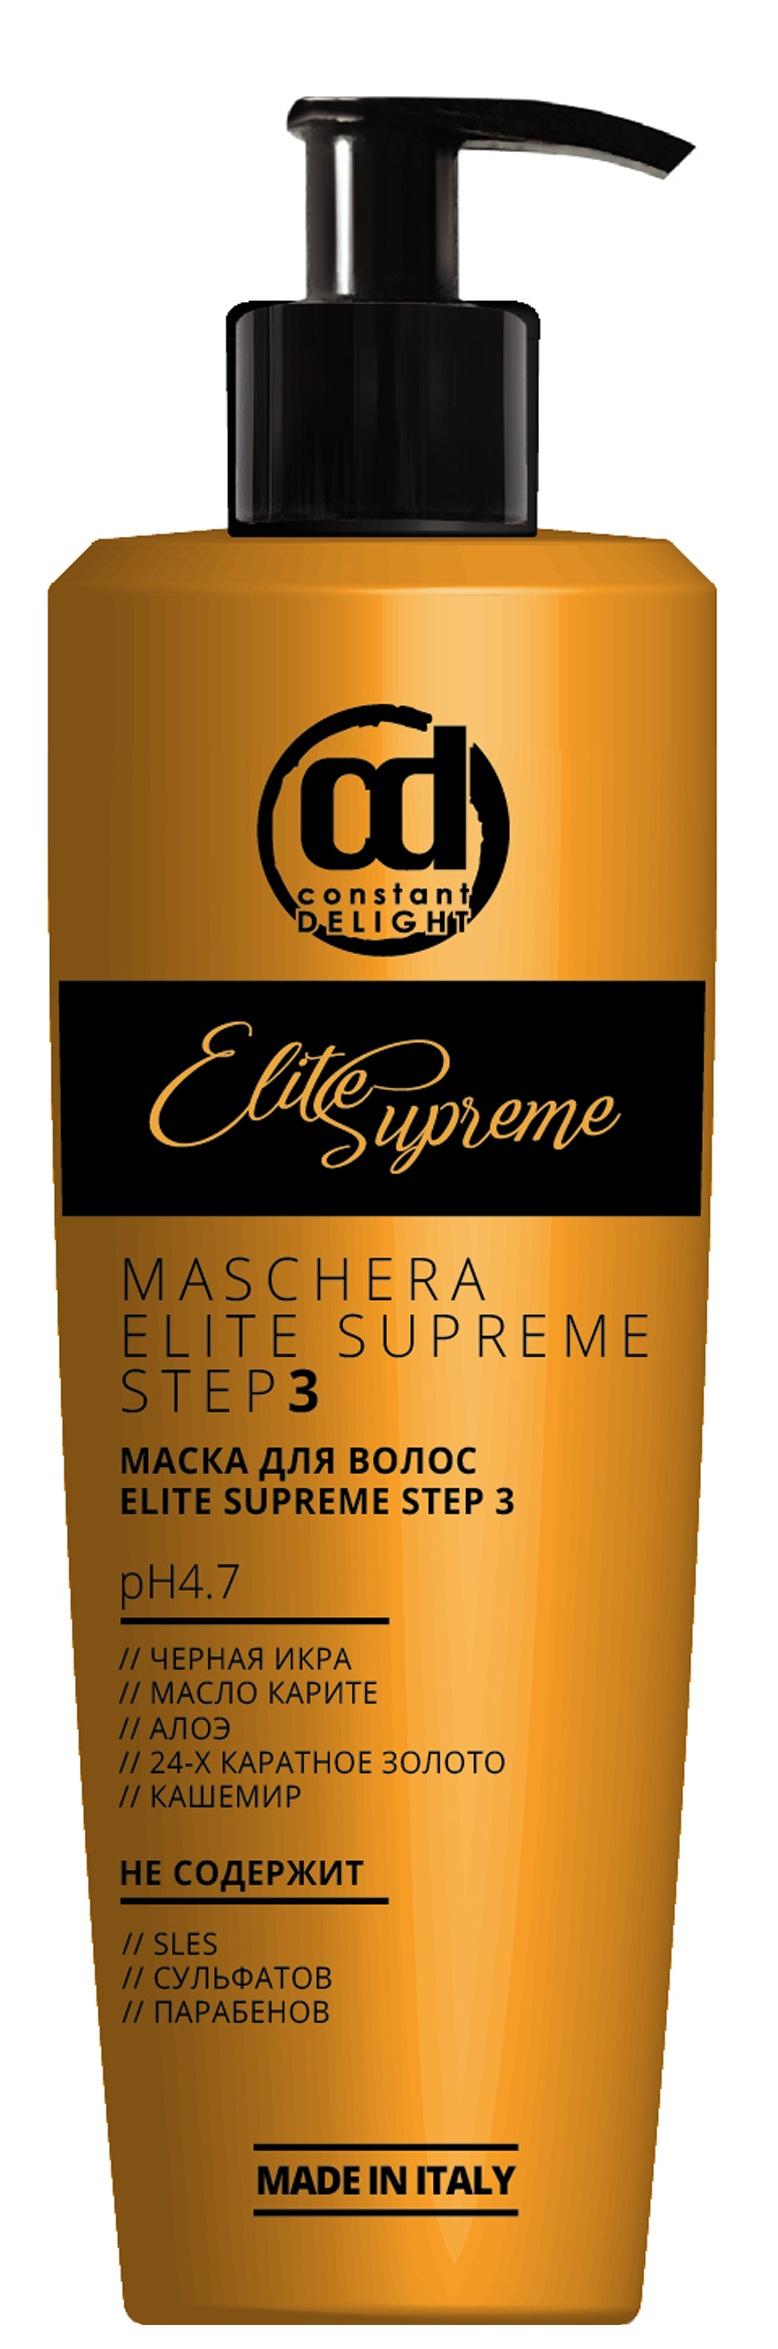 Купить CONSTANT DELIGHT Маска для волос / ELITE SUPREME (STEP 3) 250 мл